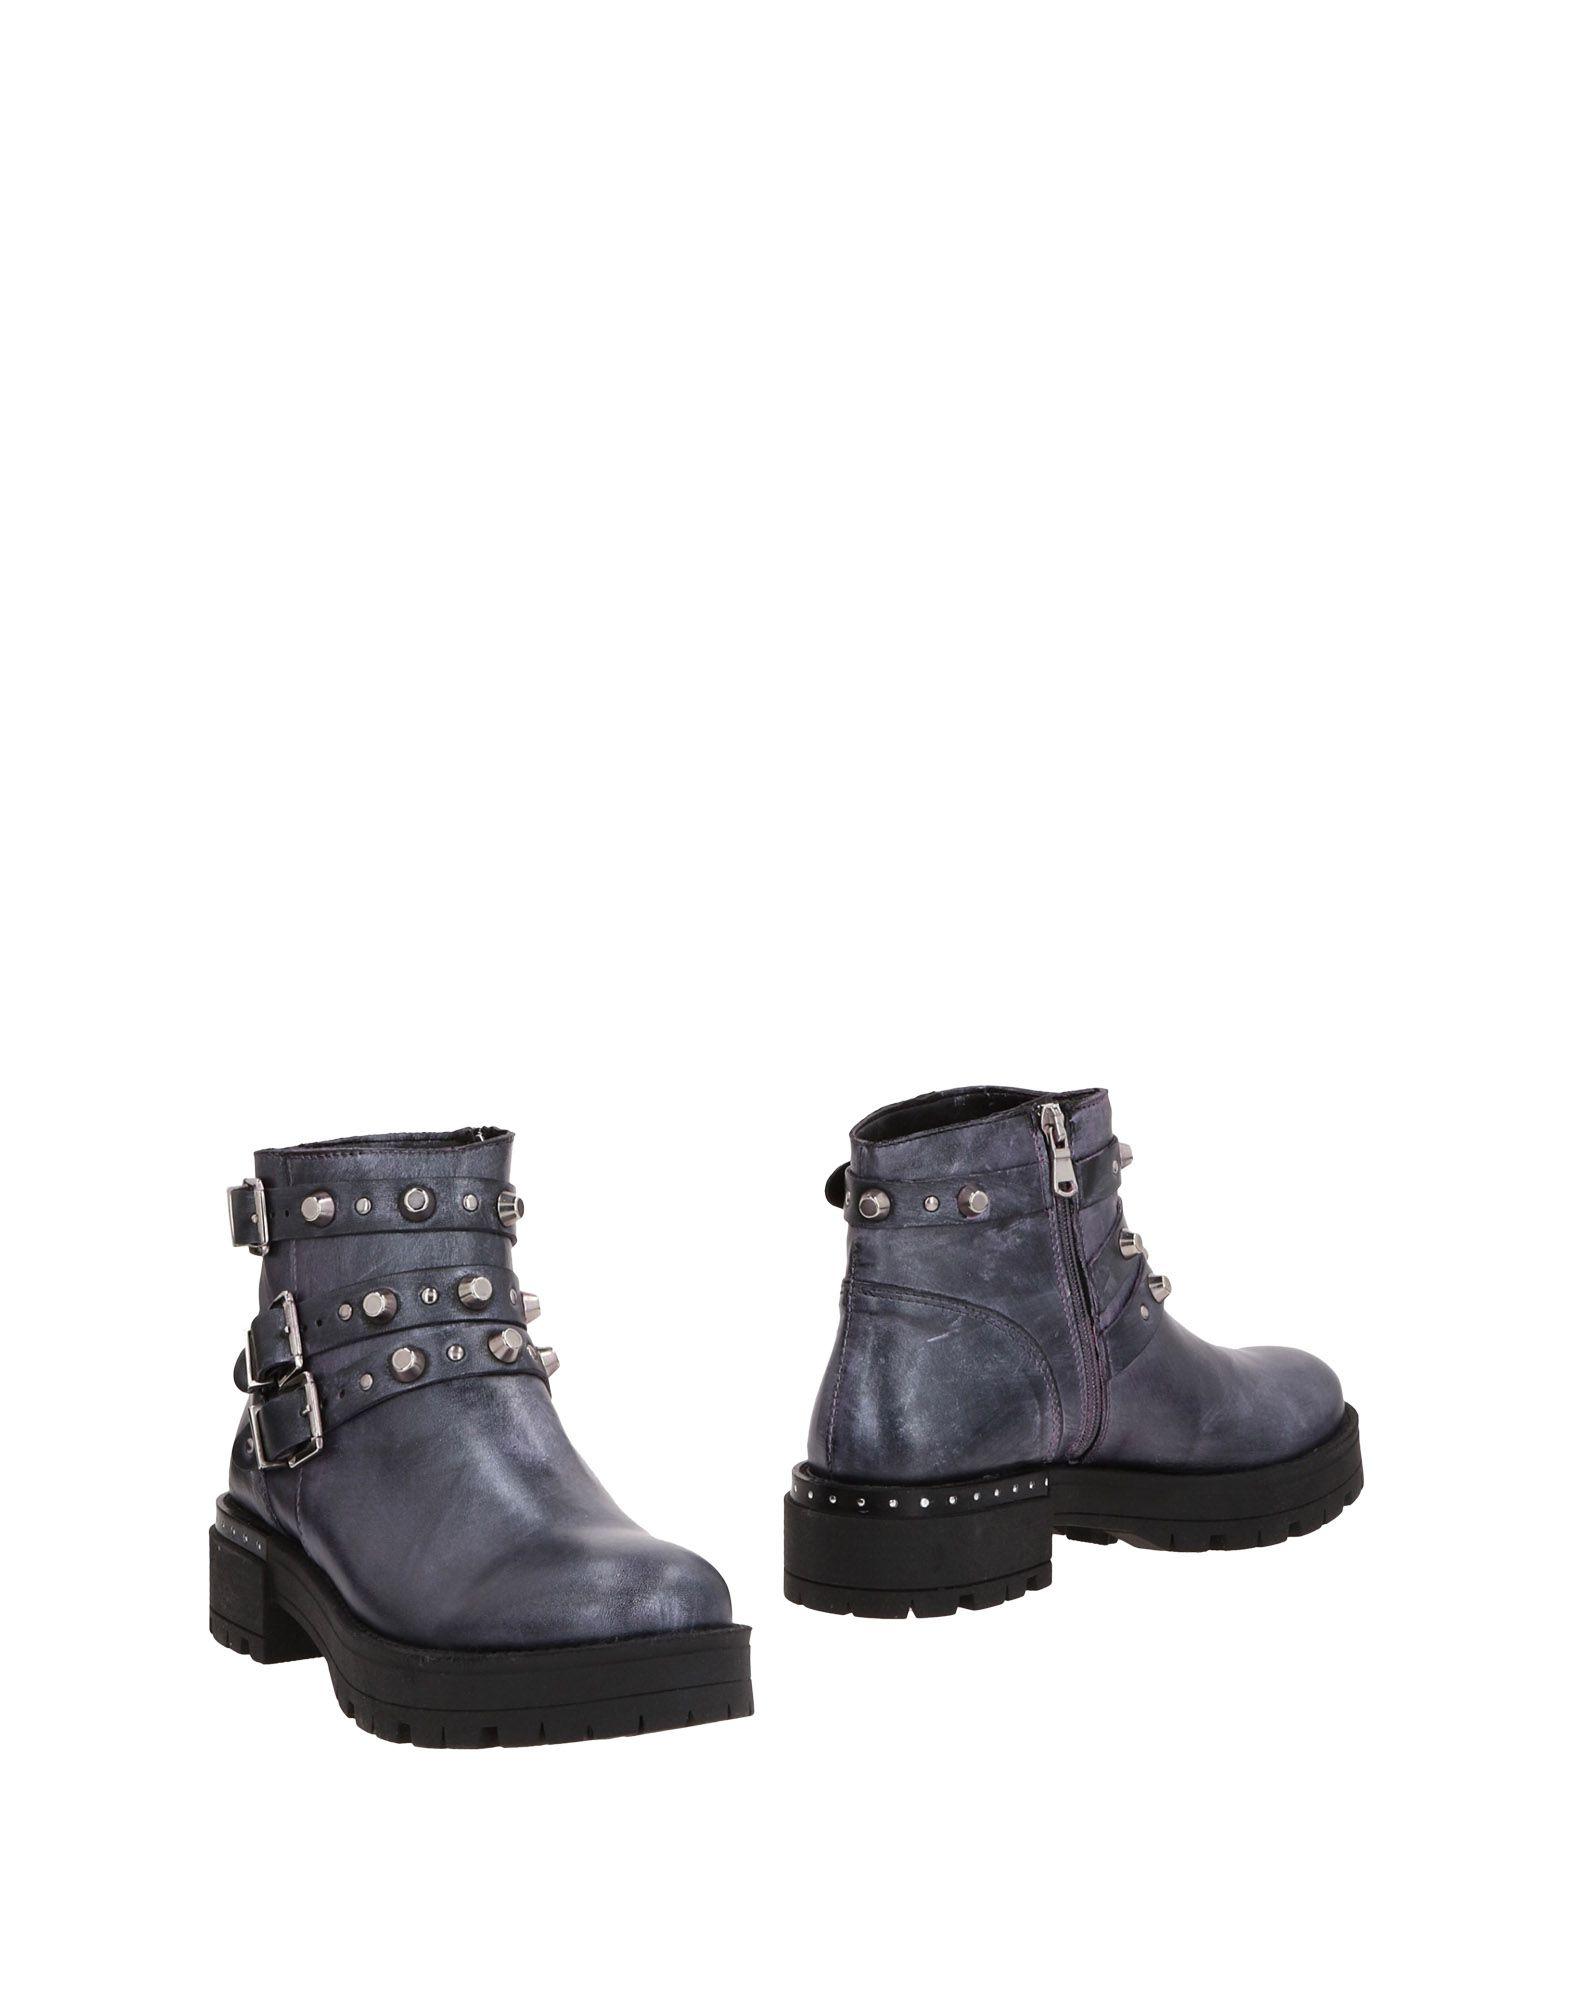 Unlace Stiefelette Damen  11475245QB Gute Qualität beliebte Schuhe